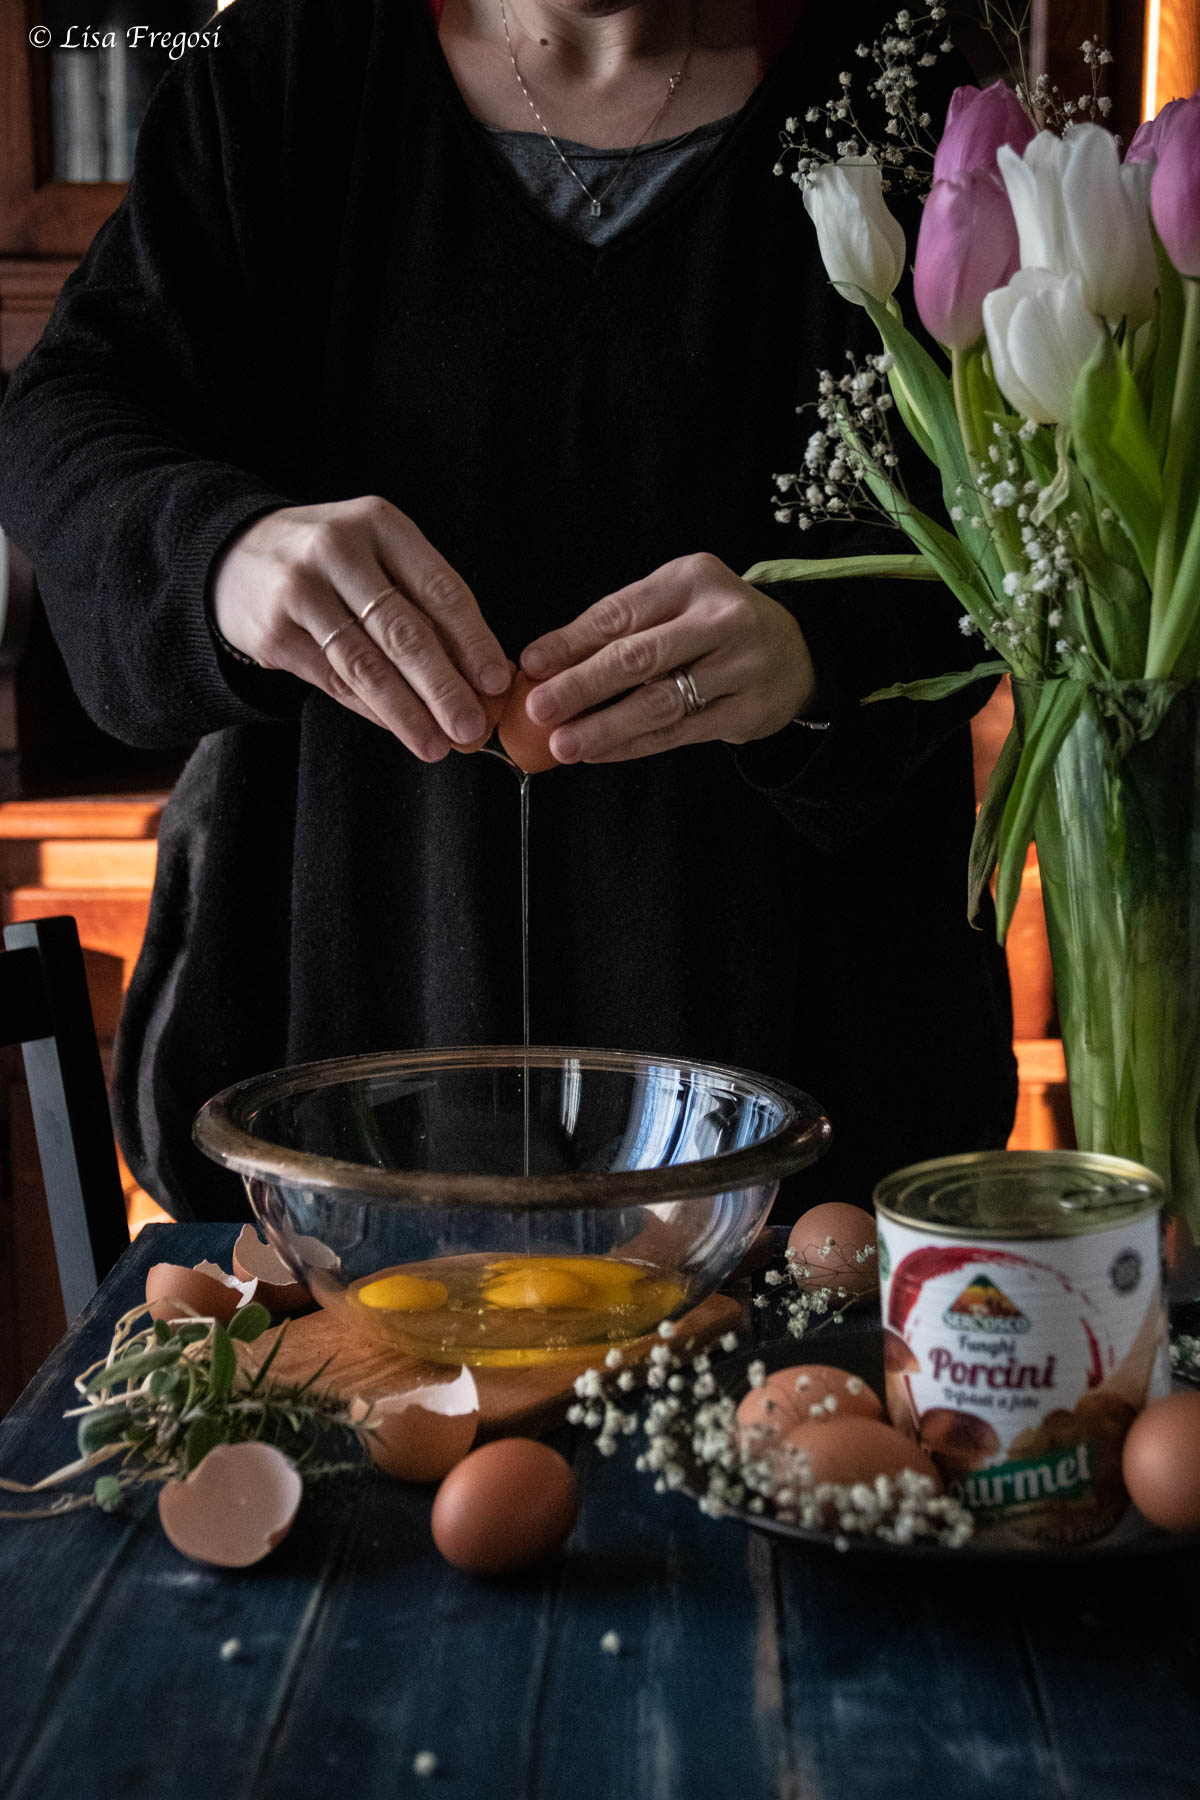 la ricetta delle frittatine rustiche con porcini gourmet Serbosco